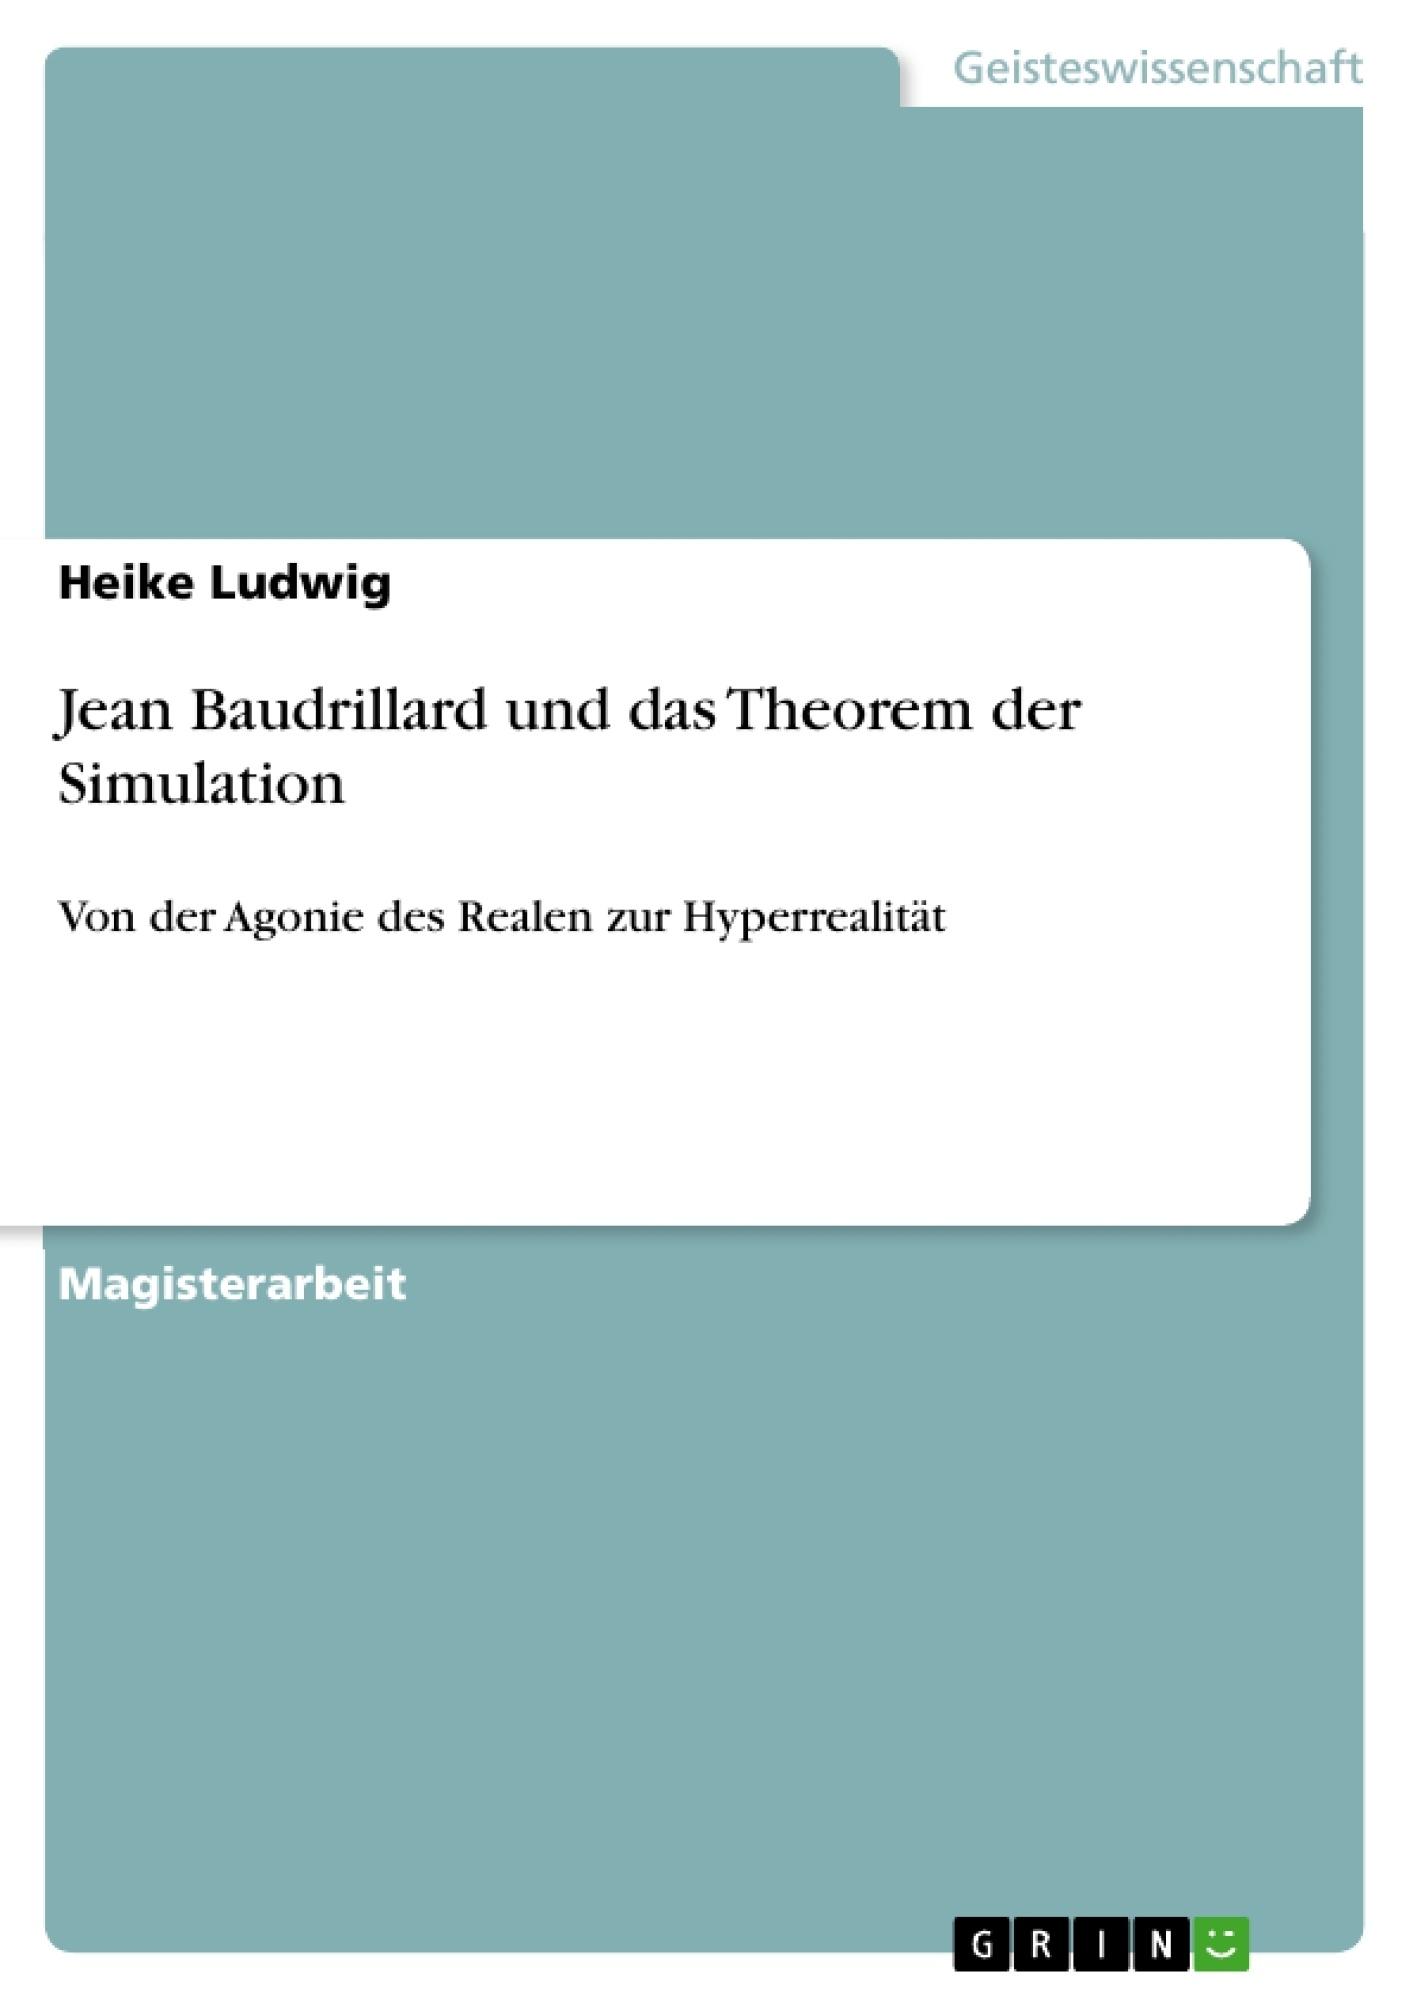 Titel: Jean Baudrillard und das Theorem der Simulation